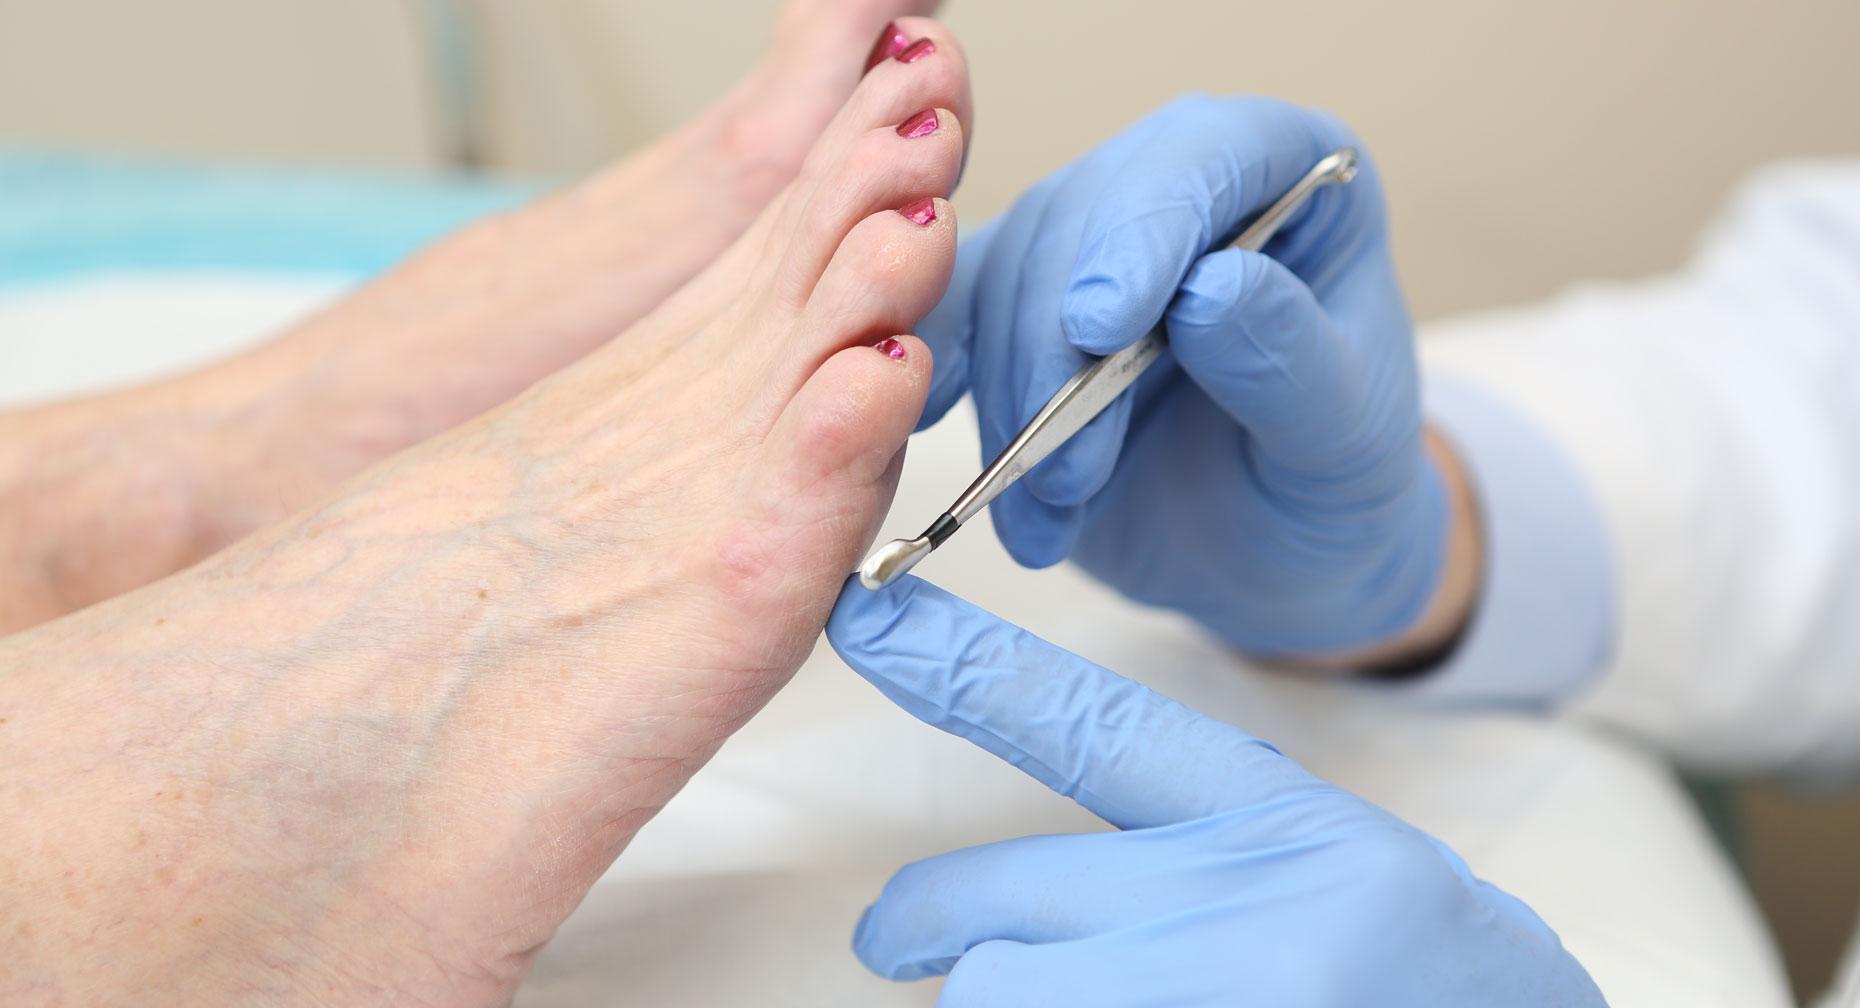 زخم پای دیابتی بهتر است که حتما در یک مرکز تخصصی پیگیری و درمان شود